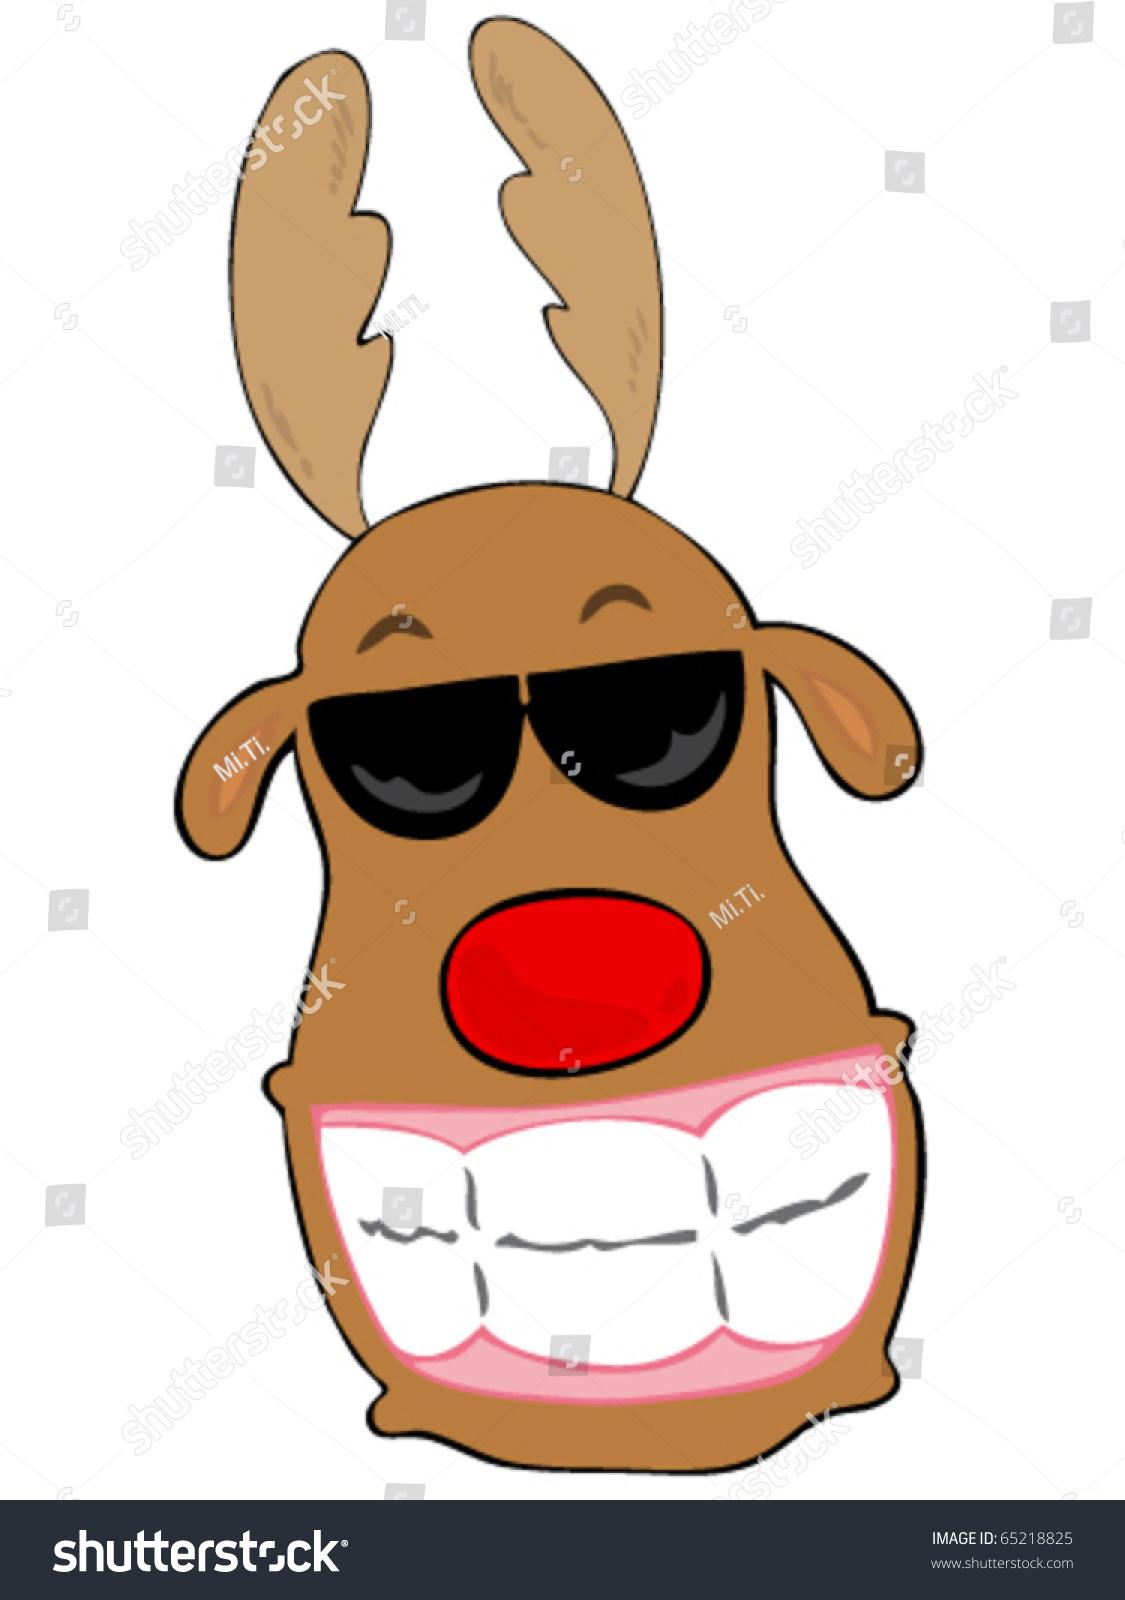 smiling reindeer stock vector 65218825 shutterstock